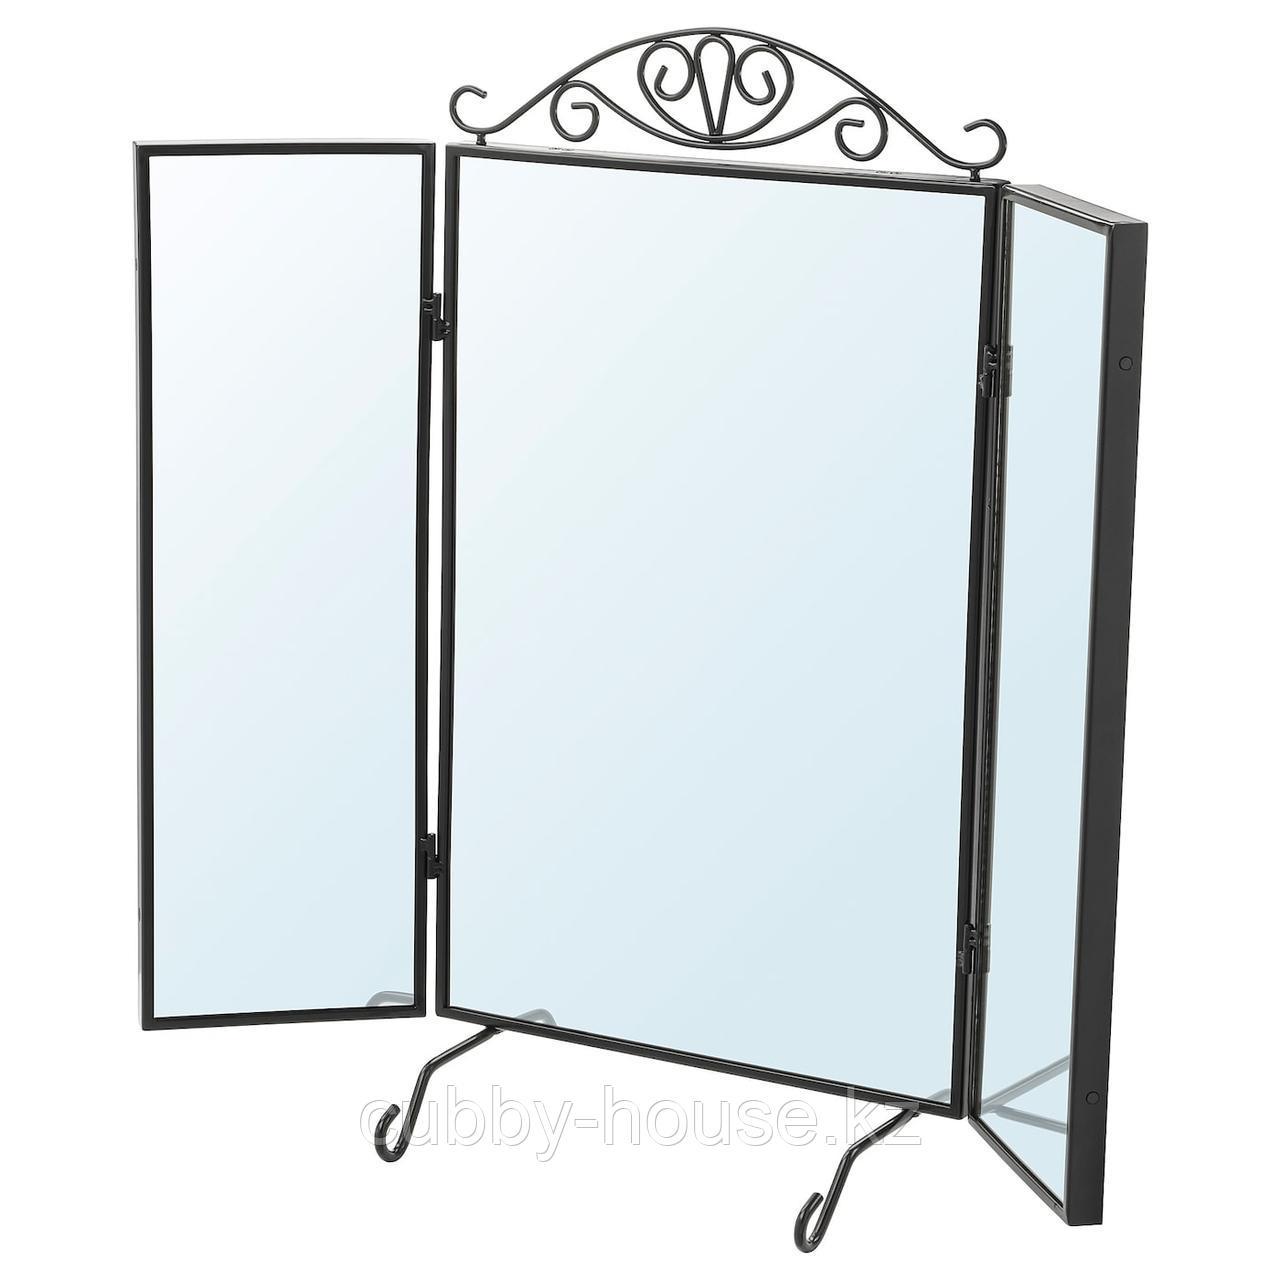 КАРМСУНД Зеркало настольное, черный, 80x74 см